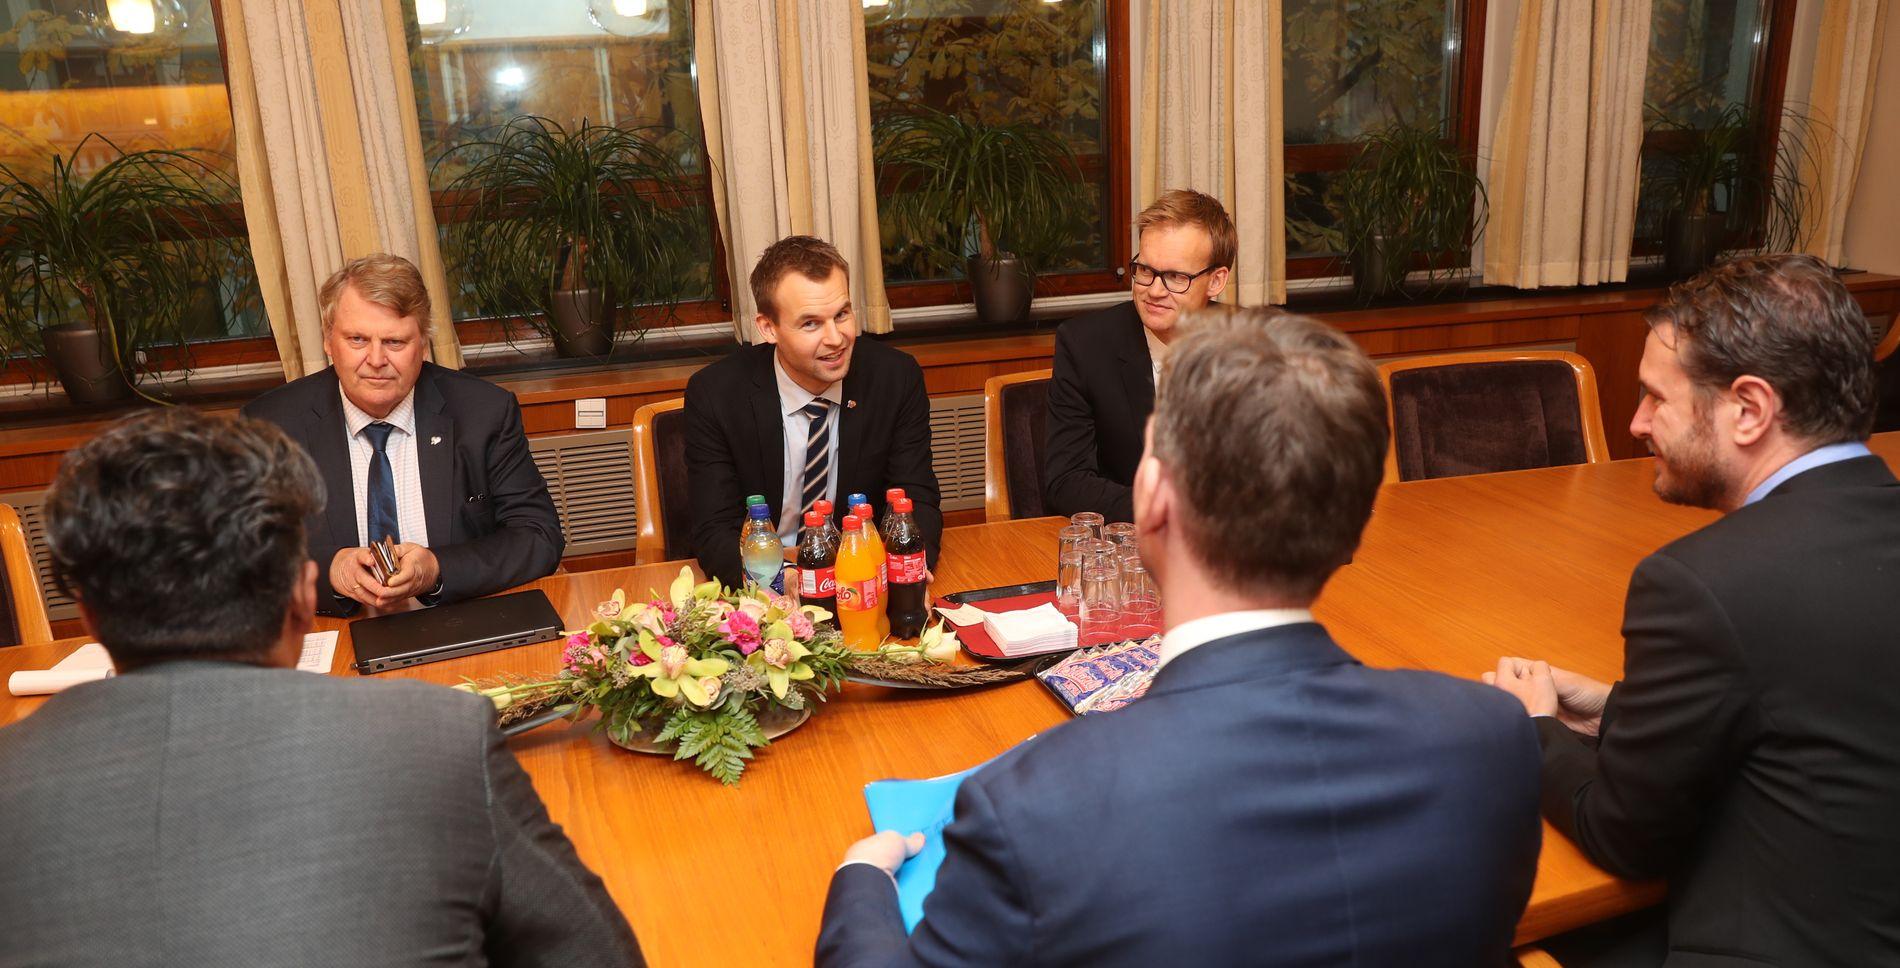 45bdba6d MANNE-MØTE: Kun dresskledde menn rundt bordet da budsjett-forhandlerne fra  Høyre, Frp og Venstre møtte KrF-delegasjonen i statsrådsrommet på  Stortinget ...